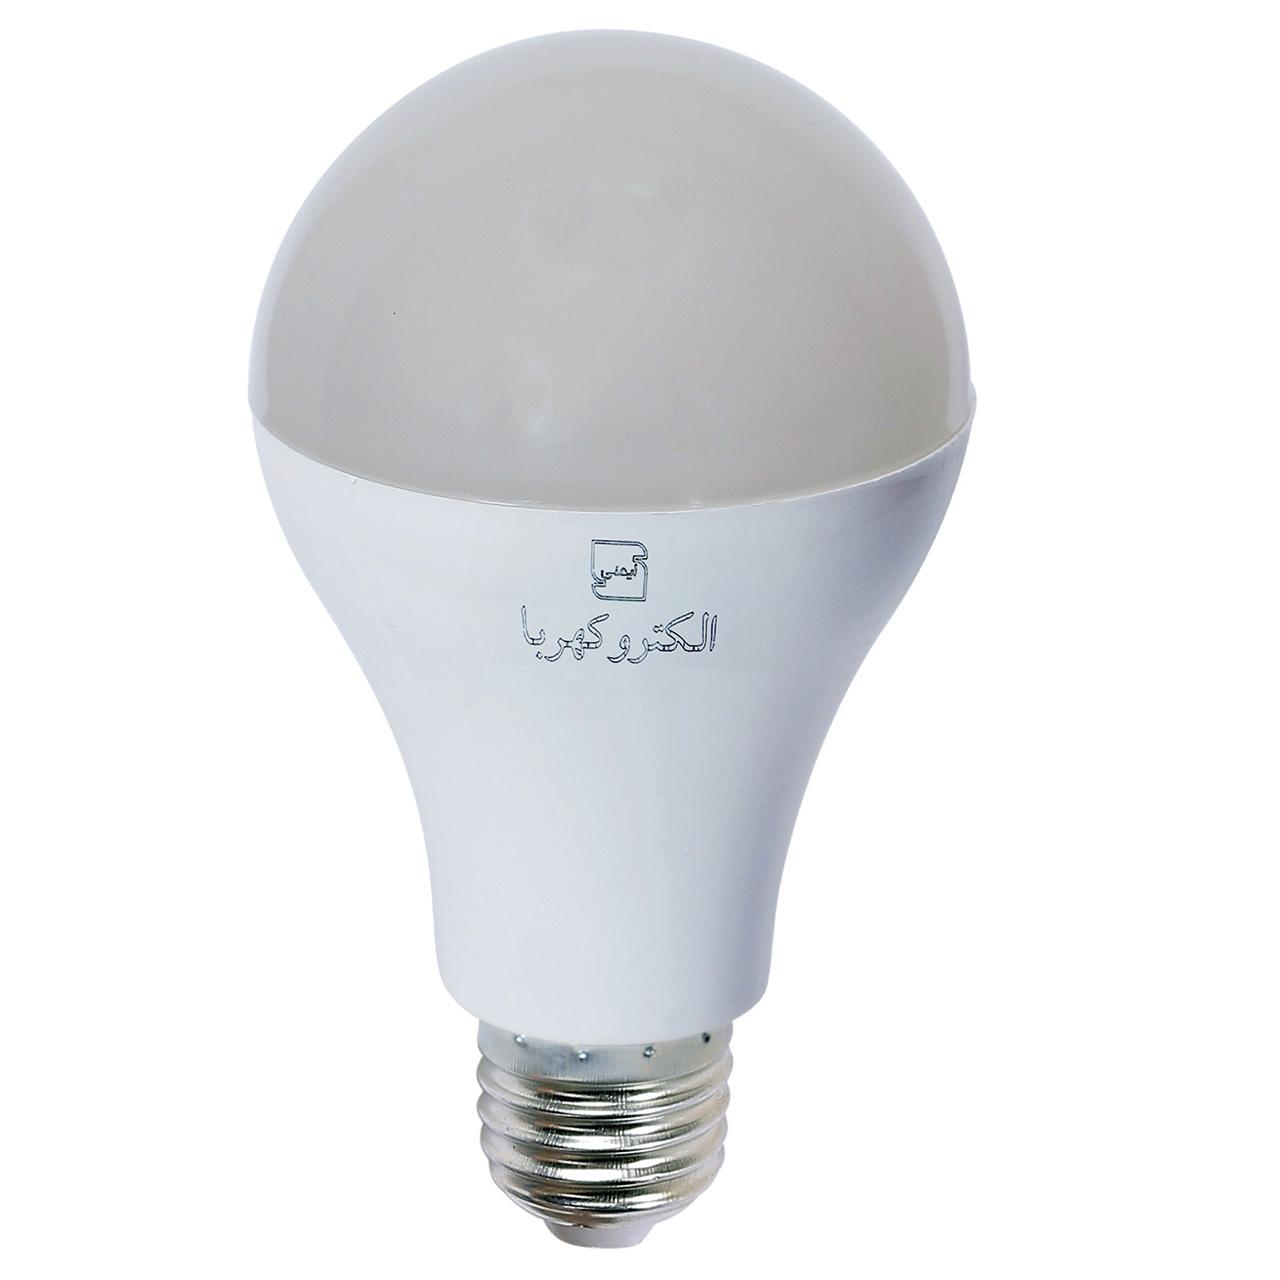 لامپ ال ای دی 10 وات الکترو کهربا پایه E27